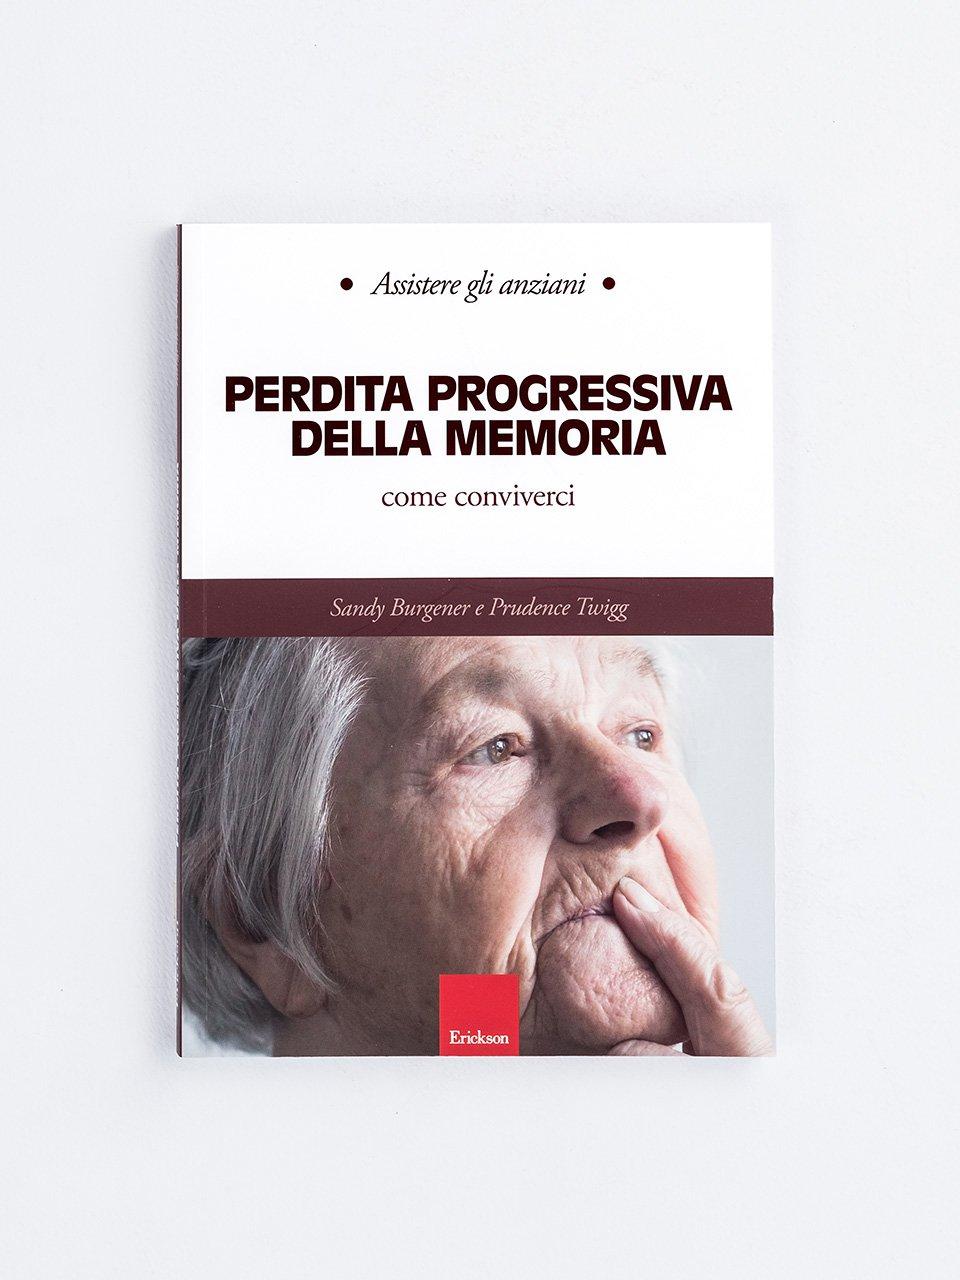 Assistere gli anziani - PERDITA PROGRESSIVA DELLA MEMORIA - TACTOO - Giochi - Erickson